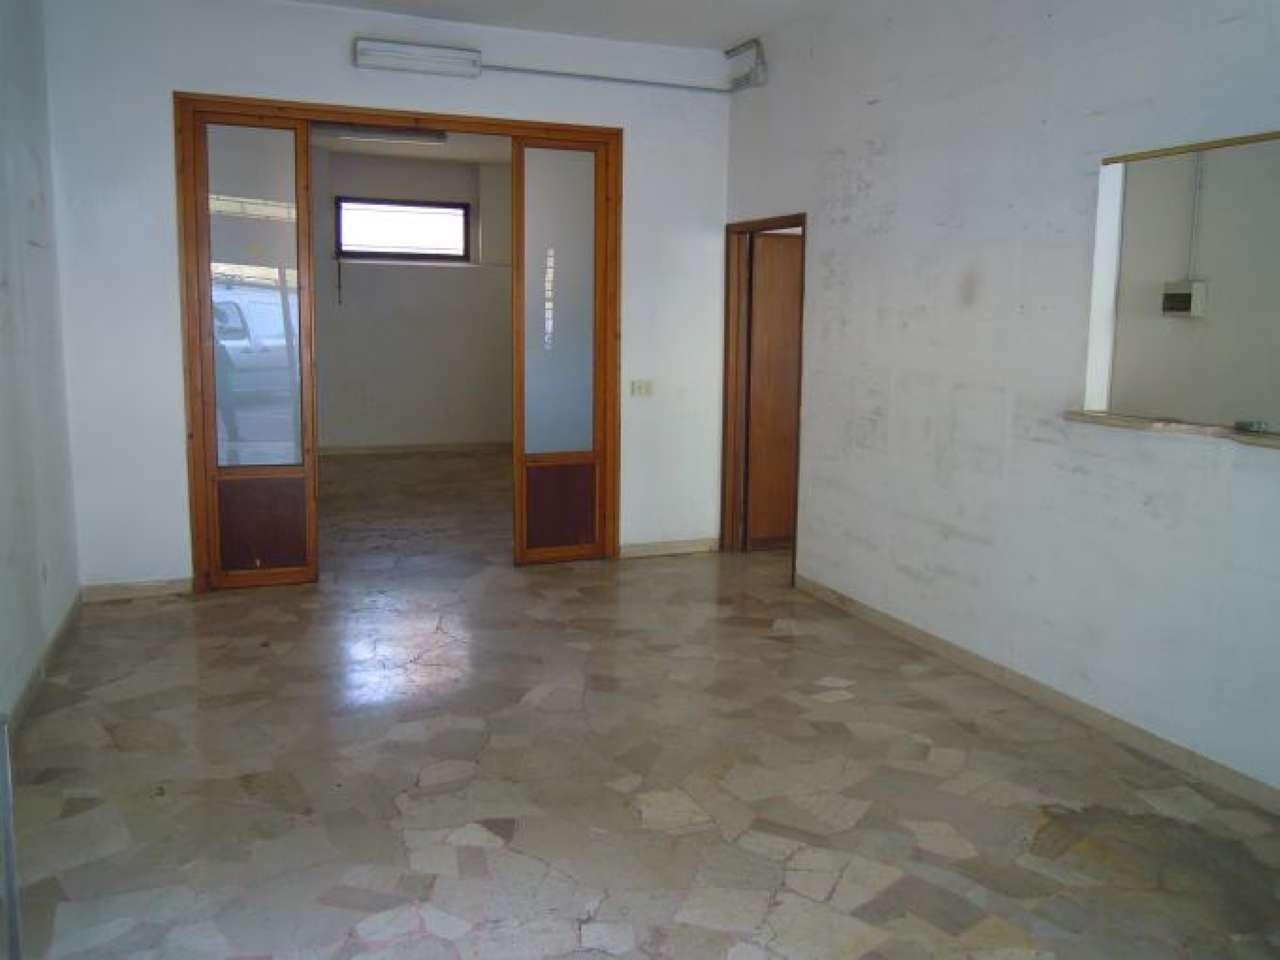 Negozio / Locale in affitto a Firenze, 3 locali, zona Zona: 7 . Pisana, Soffiano, prezzo € 600 | Cambio Casa.it